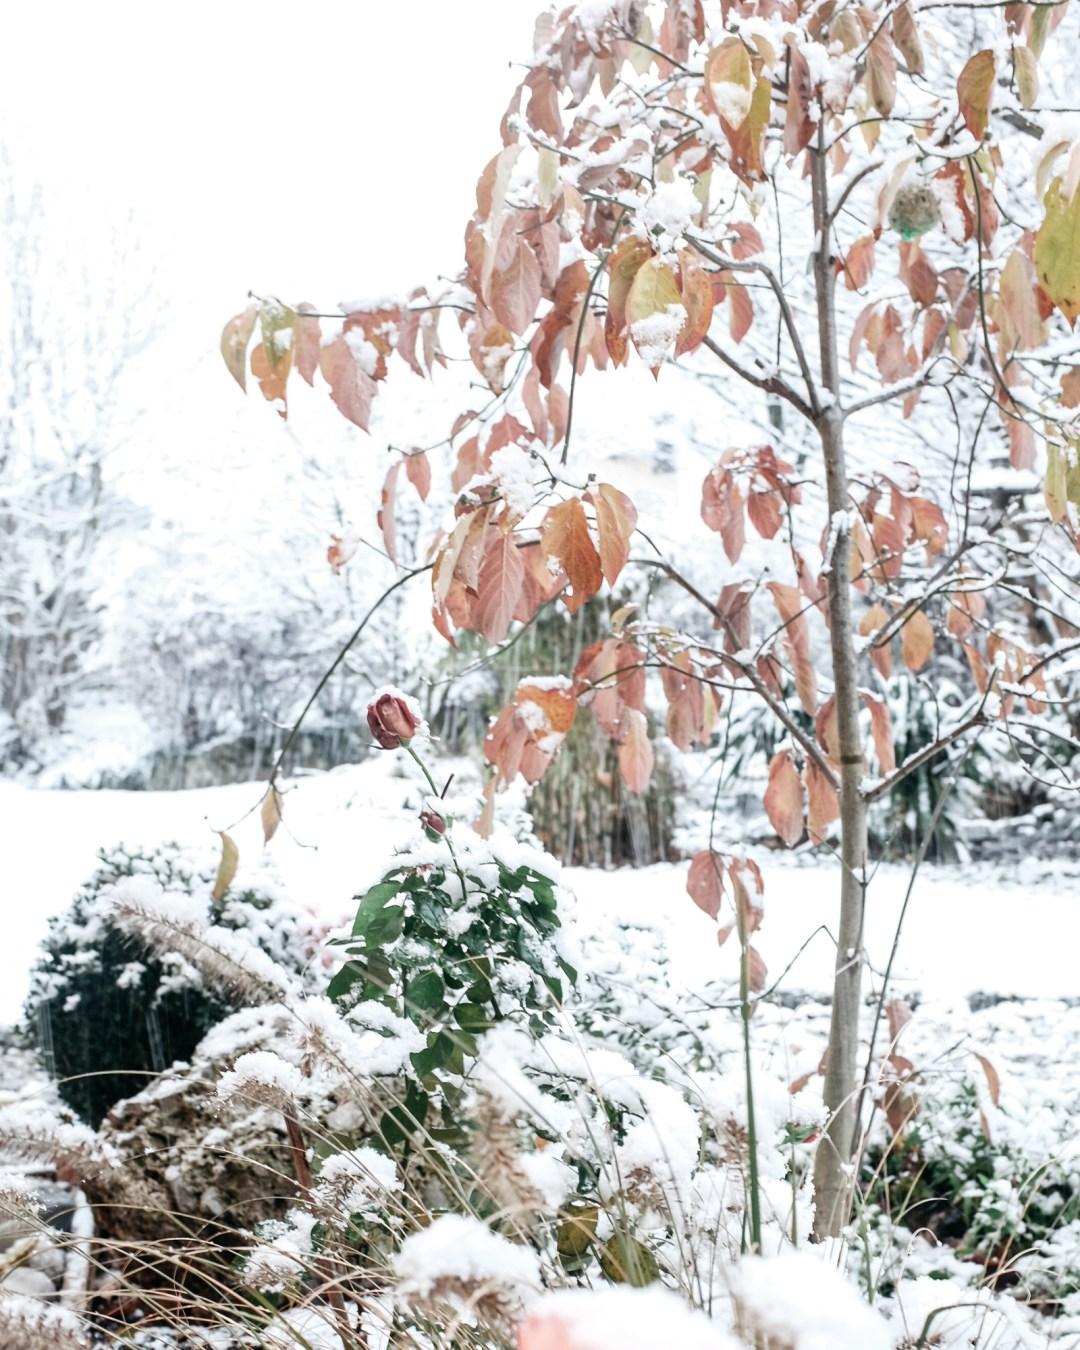 ina stil inastil advent keksebacken garten schnee wintergarten gartenteich gartenliebe winterzauber winterwonderland christmastime weihnachtszeitDSCF0650